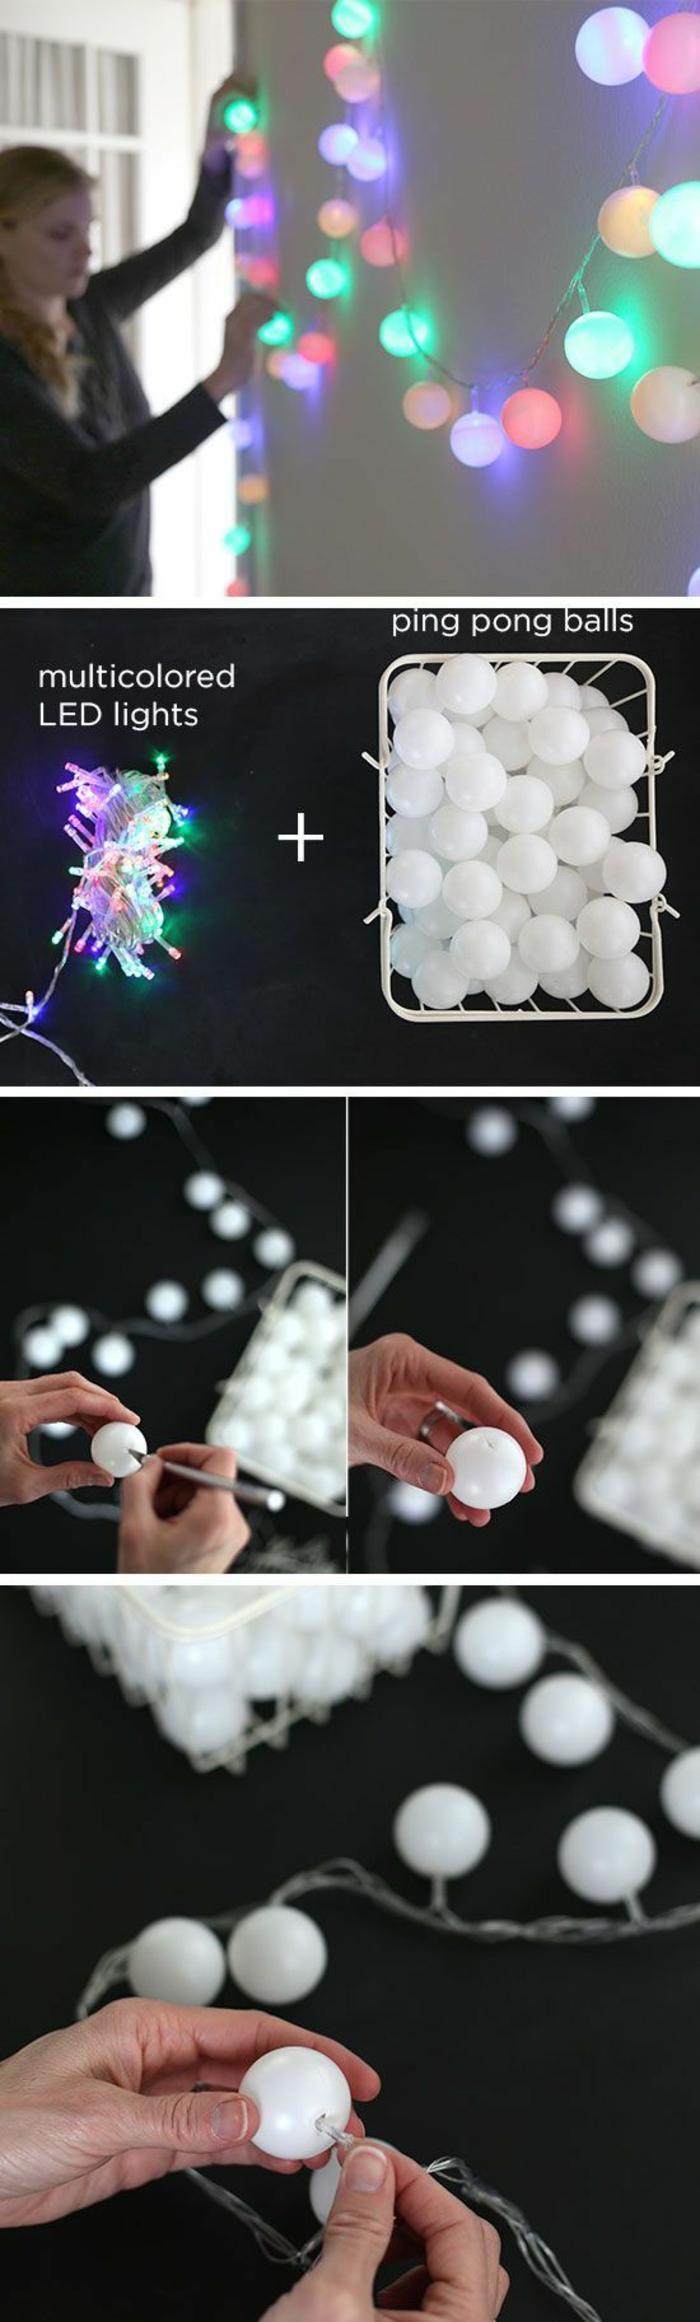 bricolage de noel avec des boules de ping pong, pour décorer avec une guirlande lumineuse, a suspendre sur le mur pour une ambiance féerique et romantique